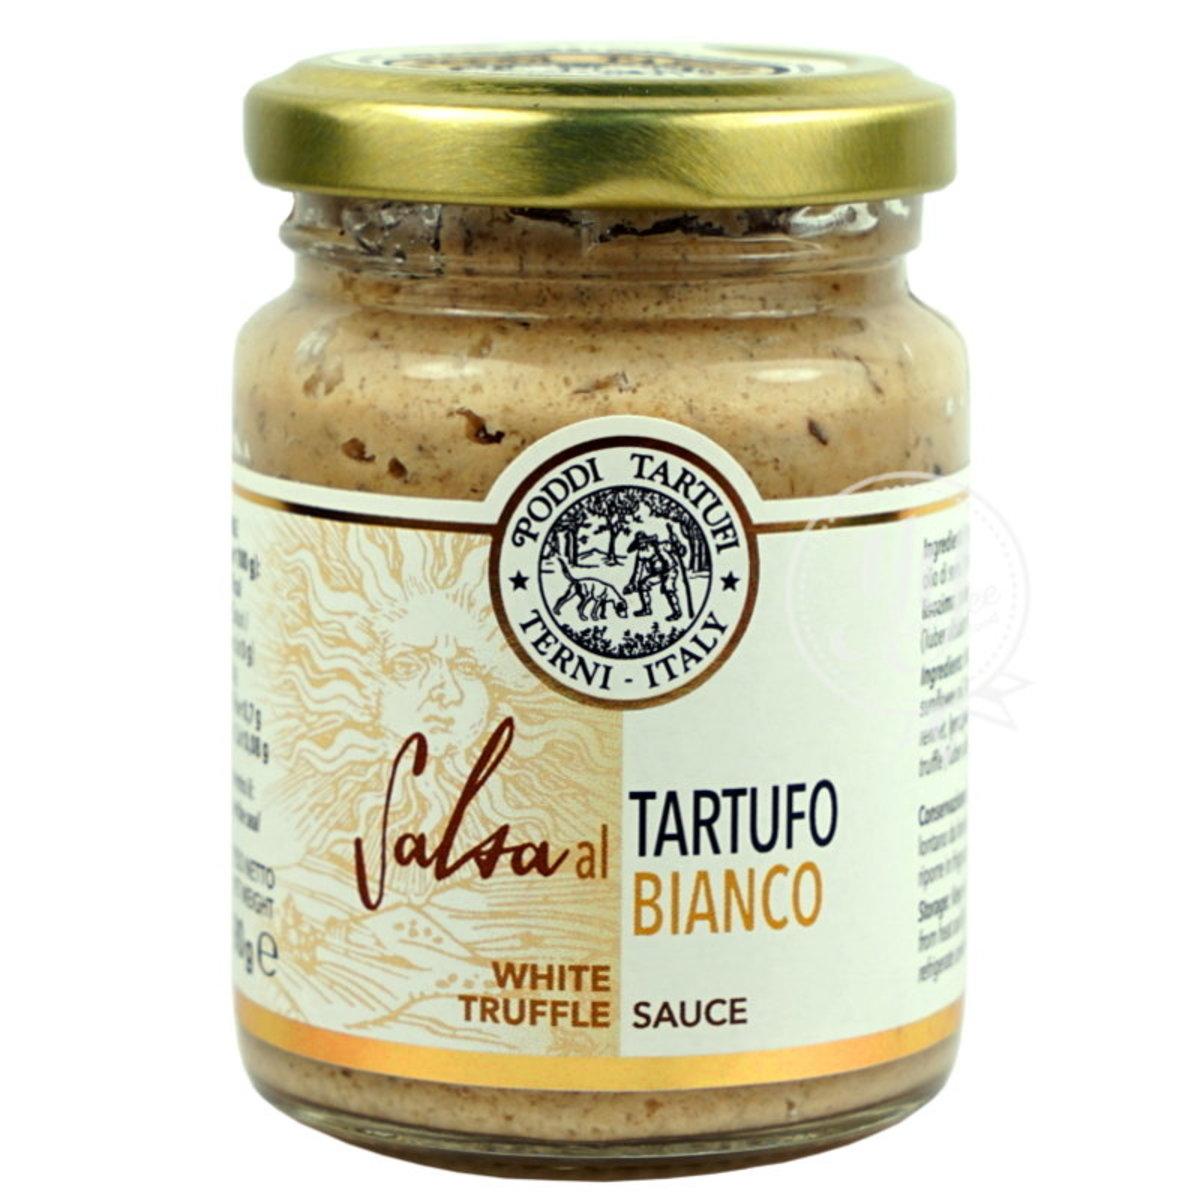 意大利5%白松露菌醬90克